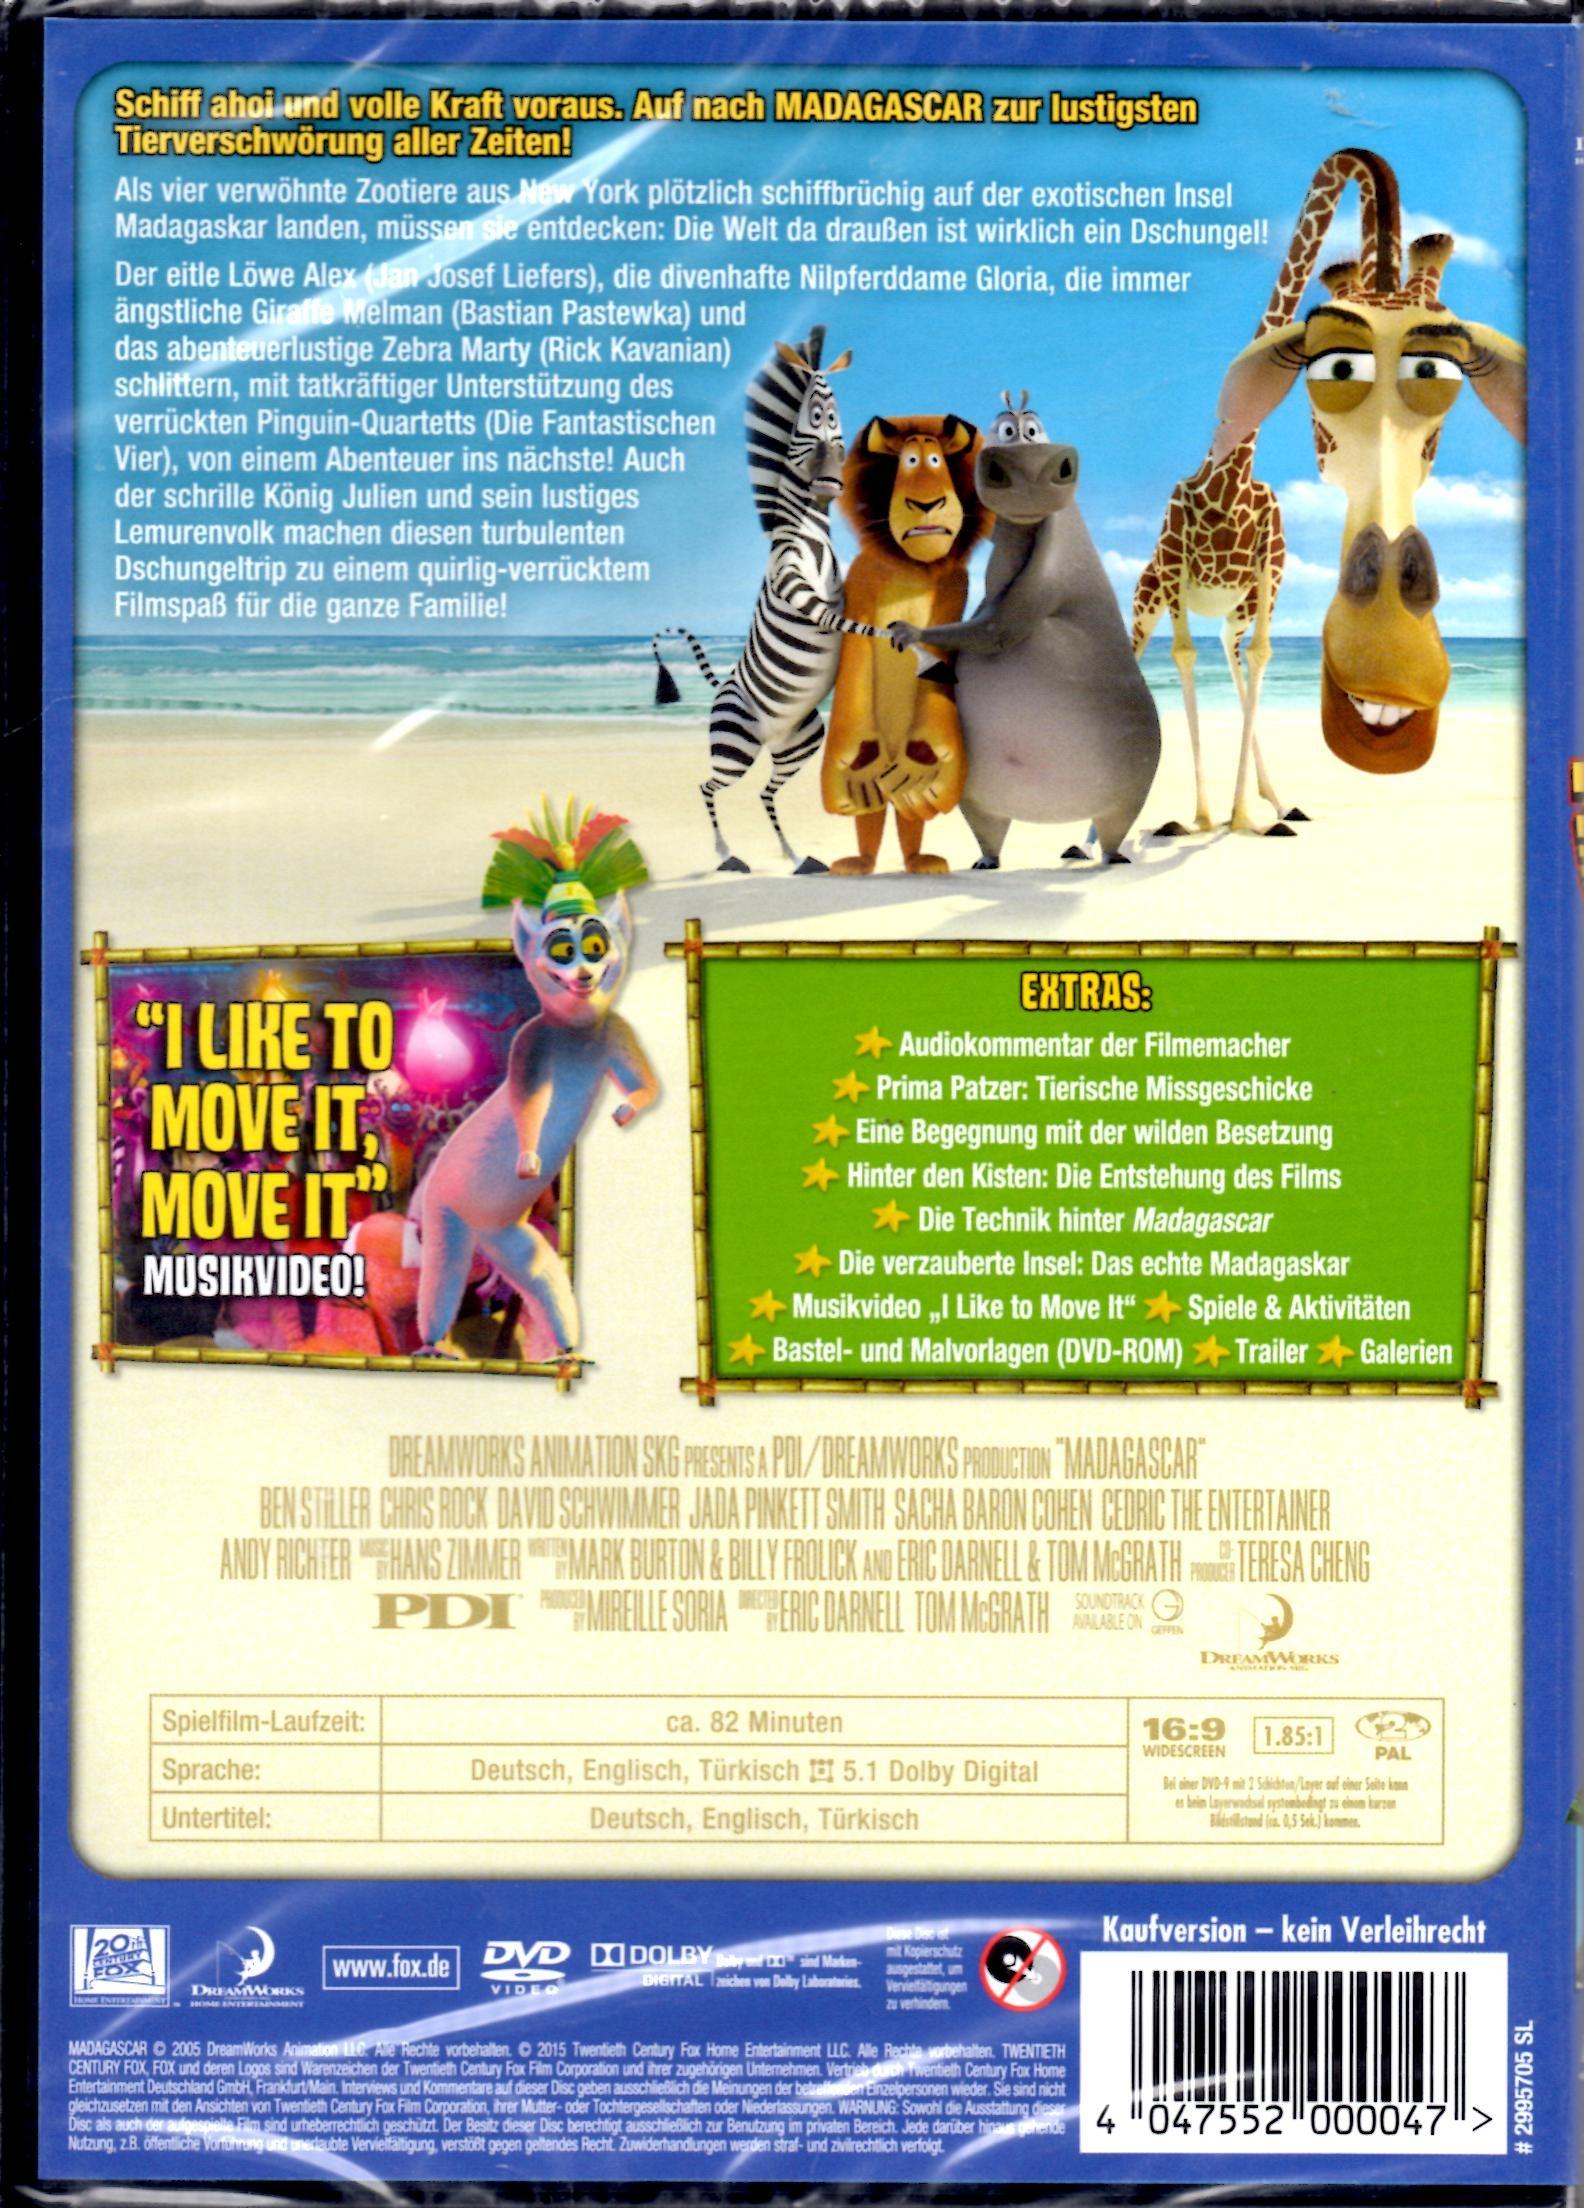 Video Sue & Gerry | Madagascar 1 (Animation) | online kaufen